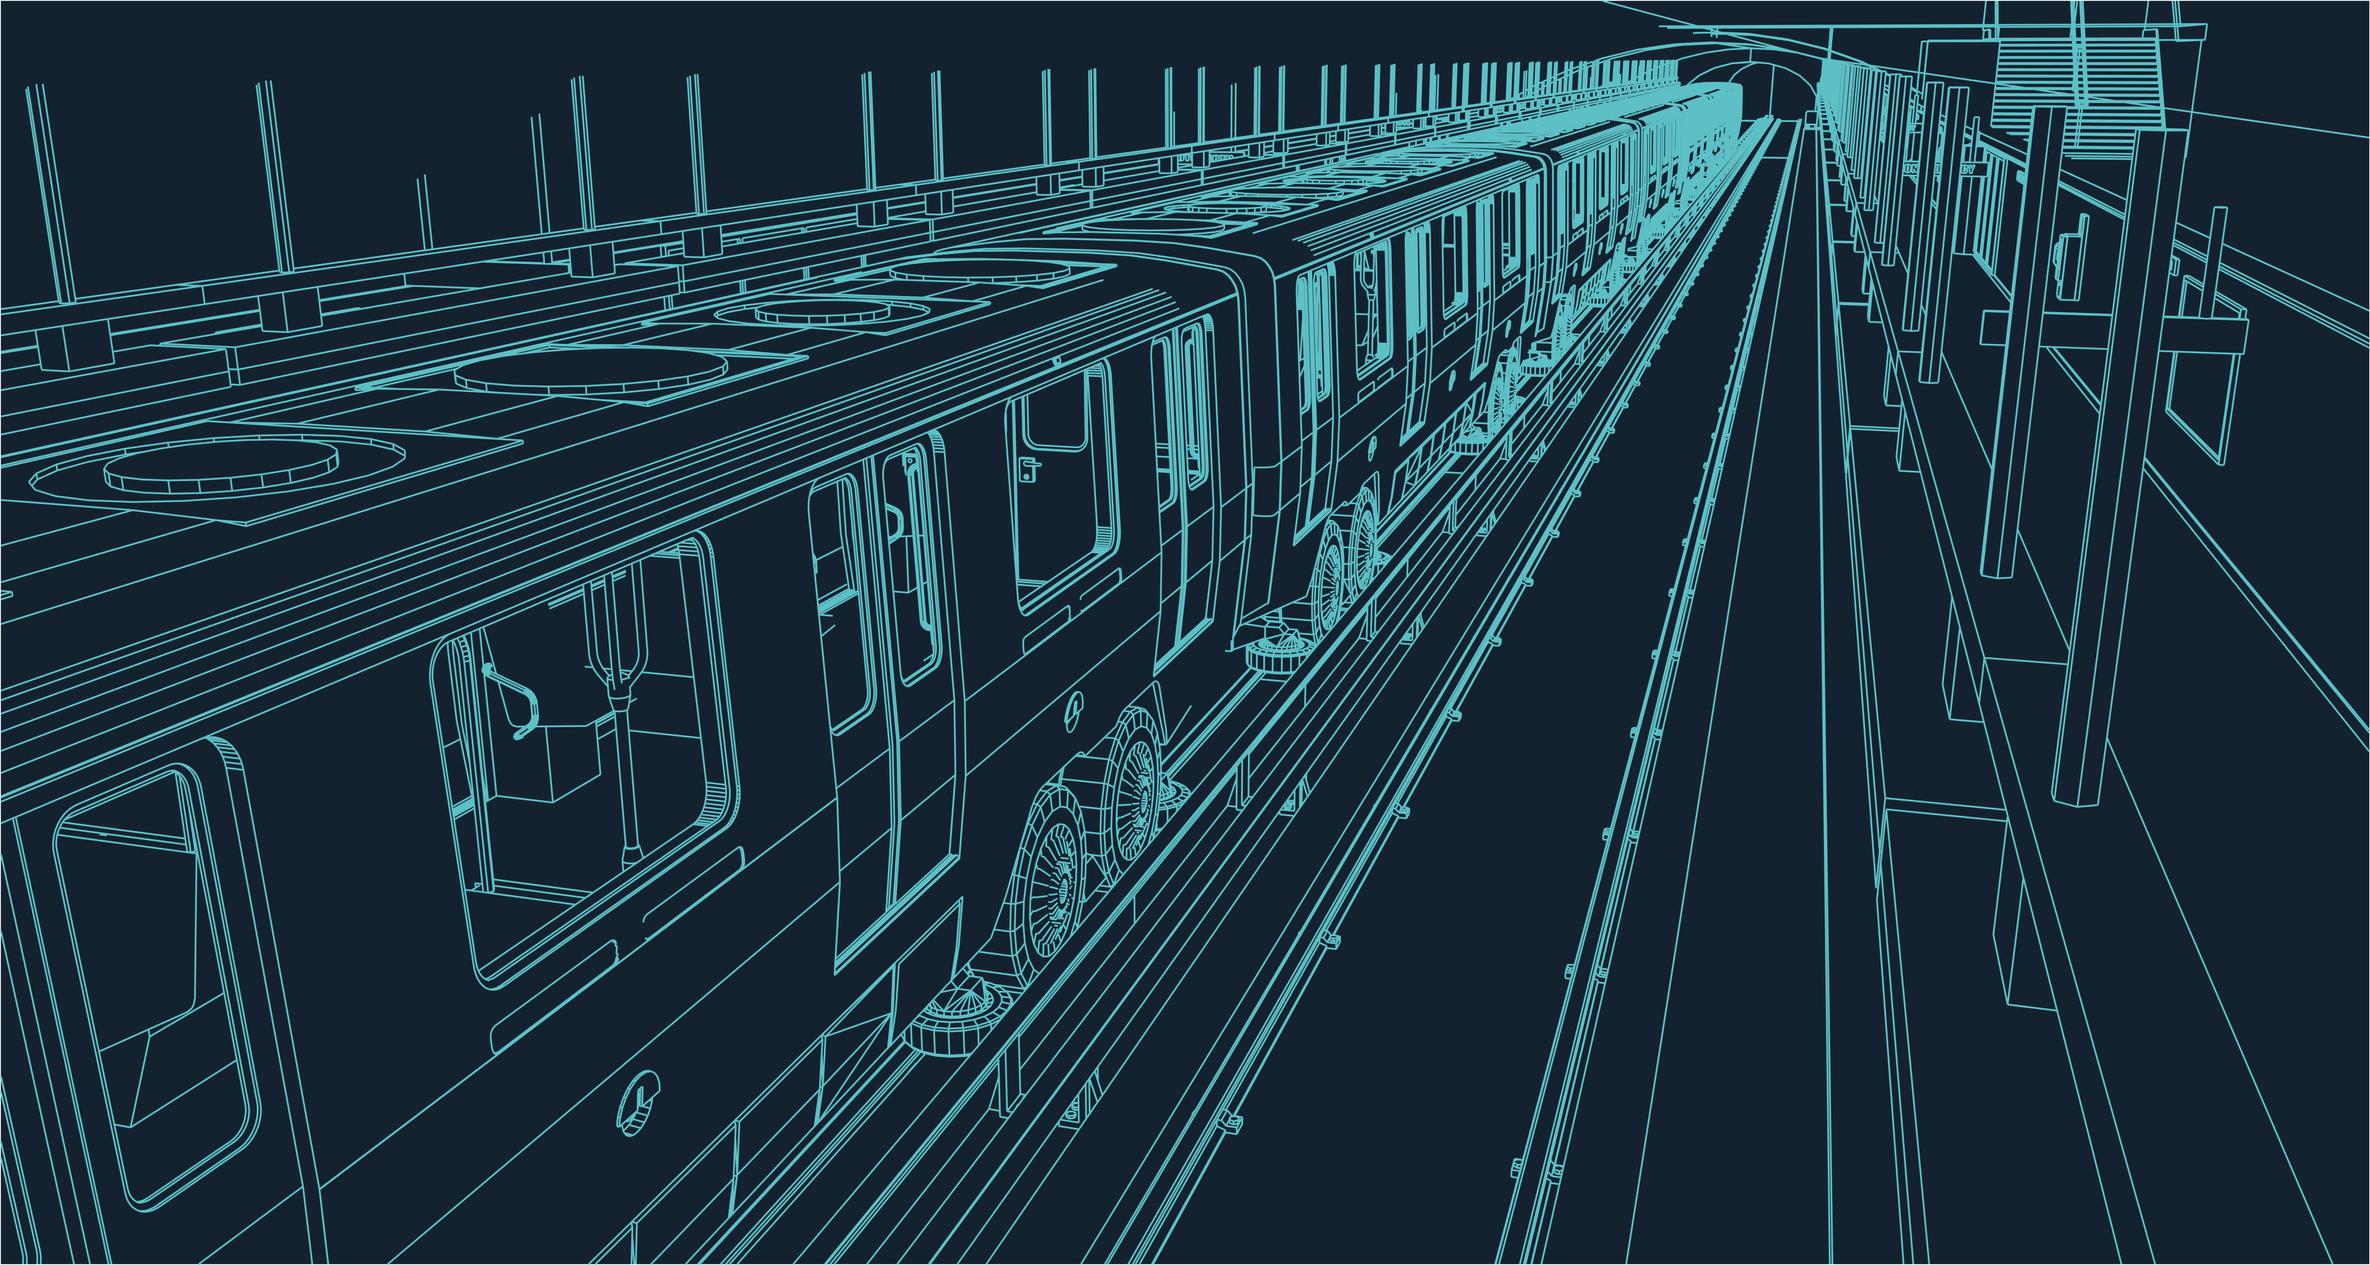 American Gods 2.2  The Beguiling Man - Der Zug fährt